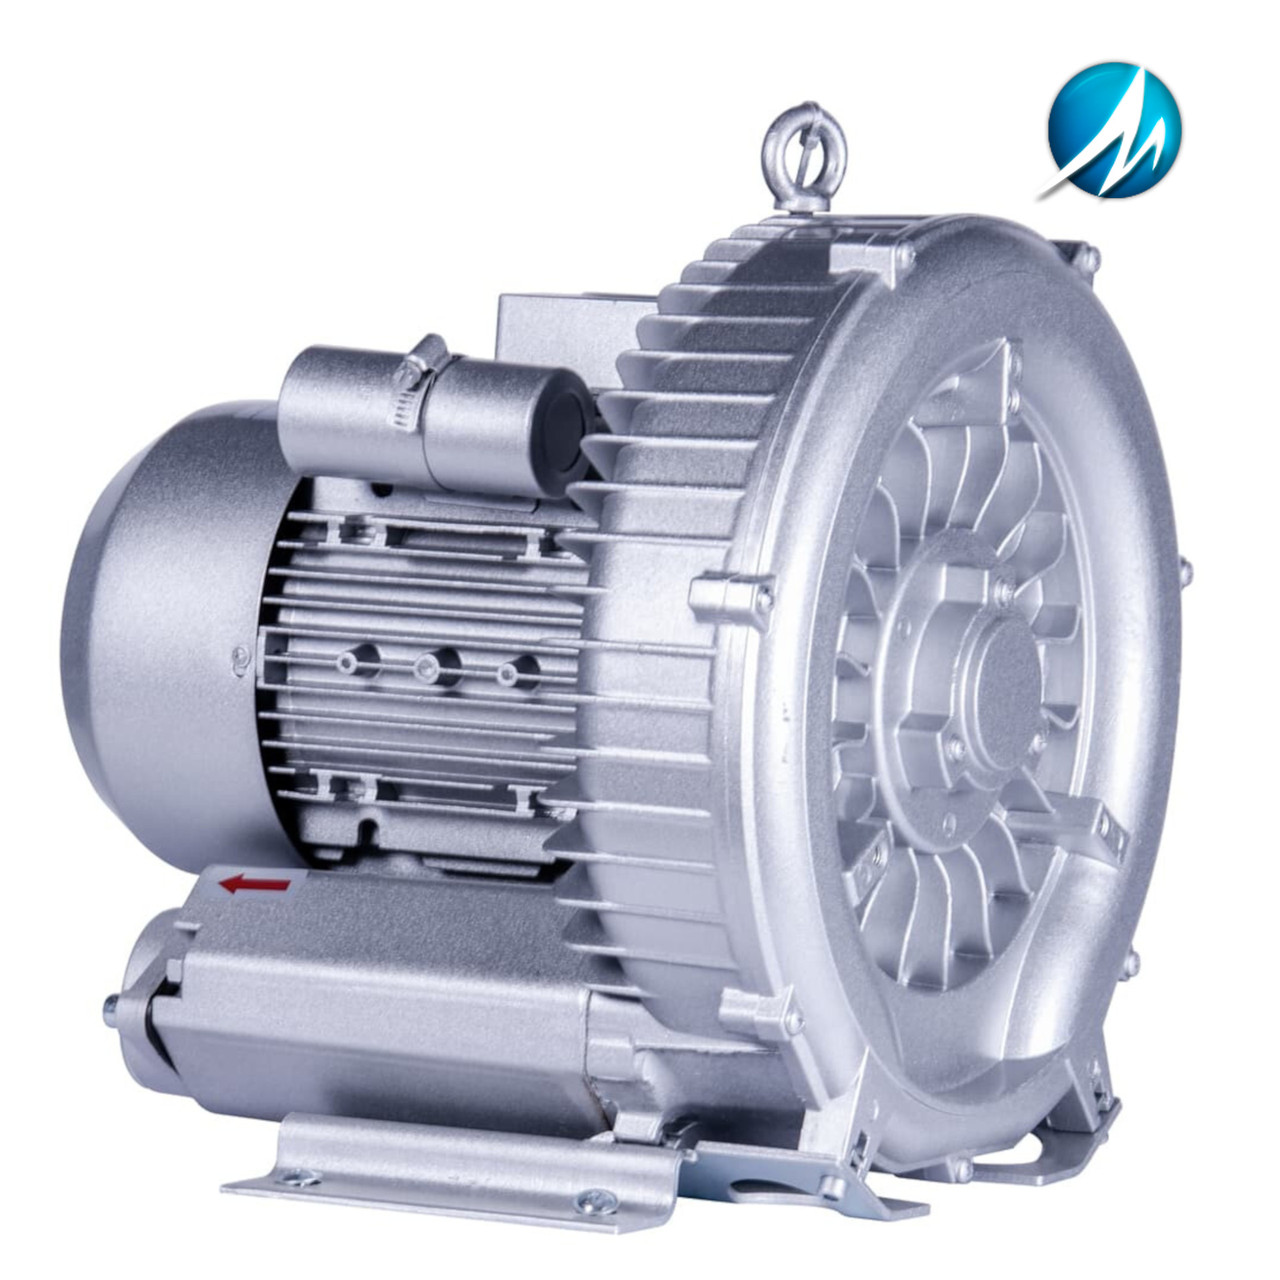 Одноступенчатый компрессор Aquant 2RB-510 (210 м³/ч, 220B)